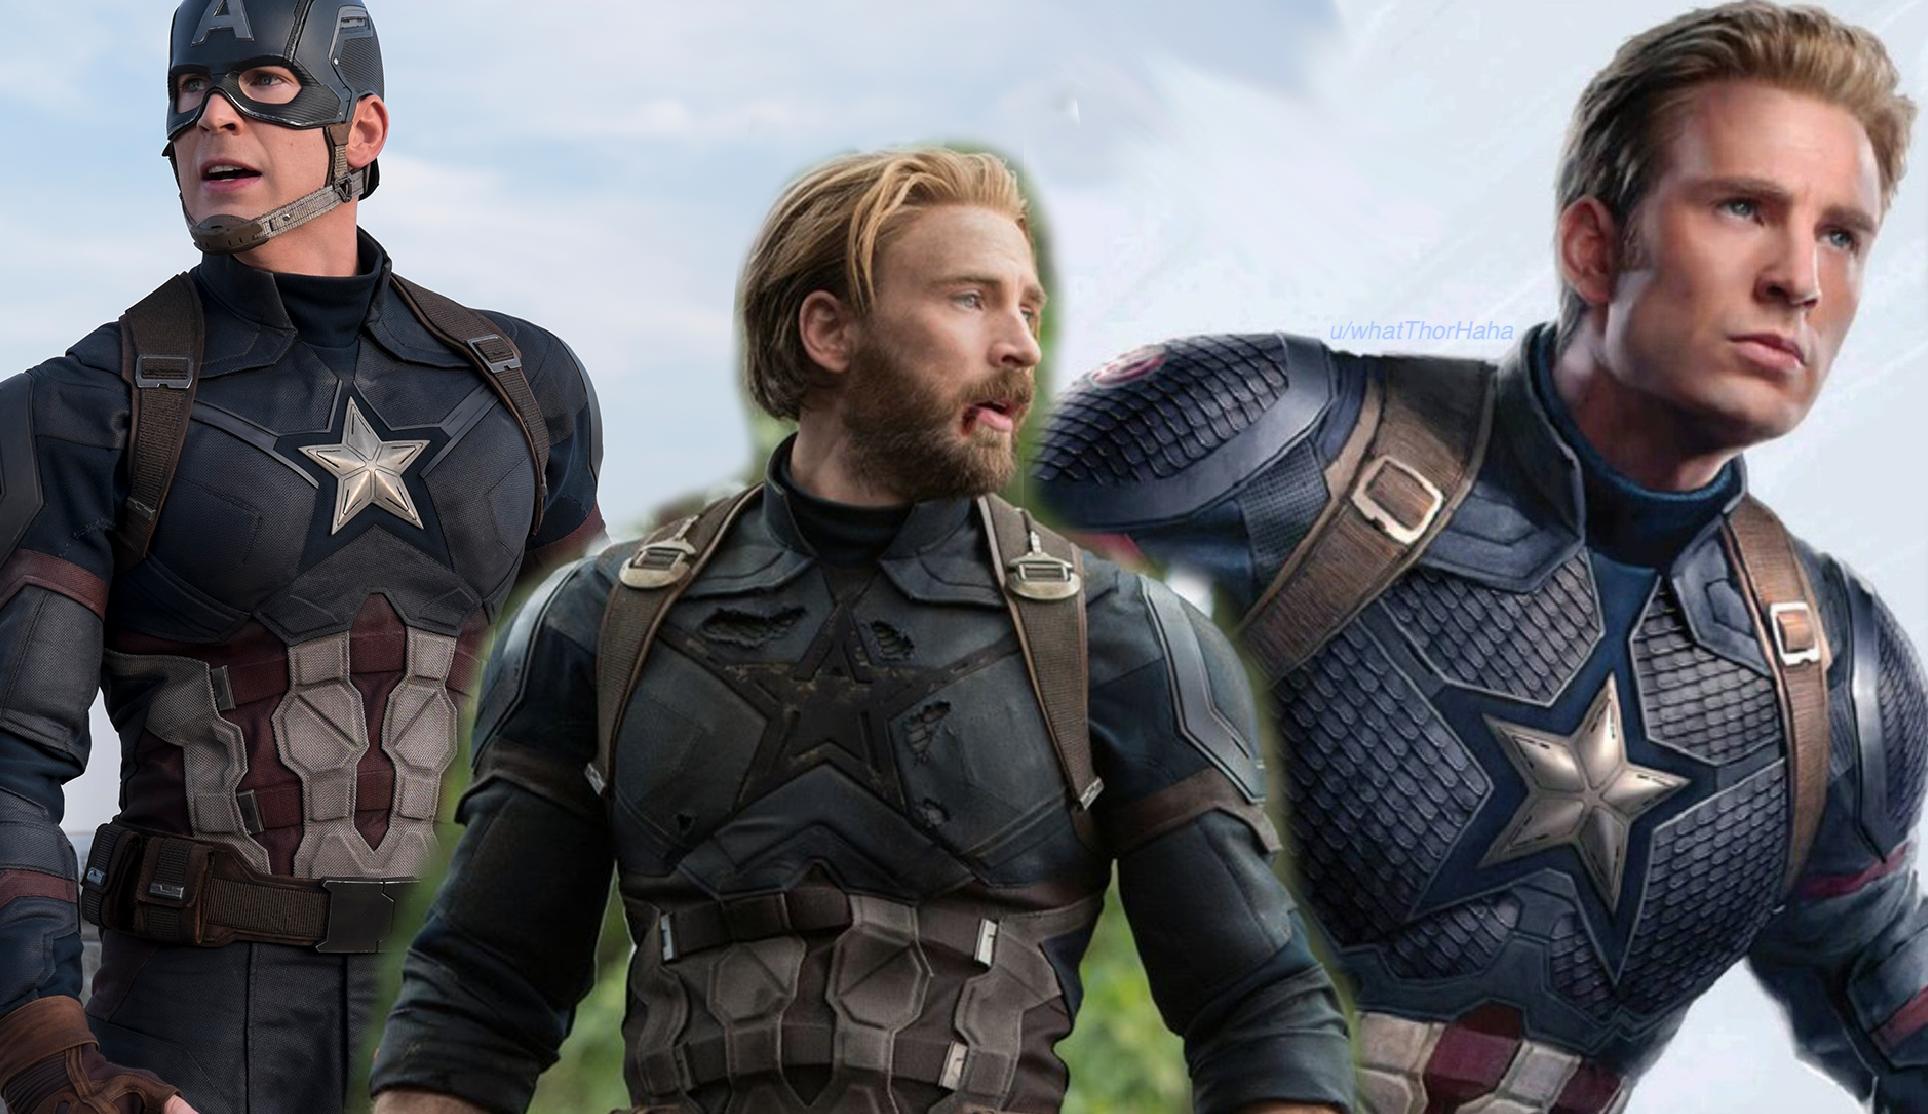 Steve Rogers Civil War To Avengers 4 Steve Rogers Civil War Chris Evans Captain America Captain America And Bucky